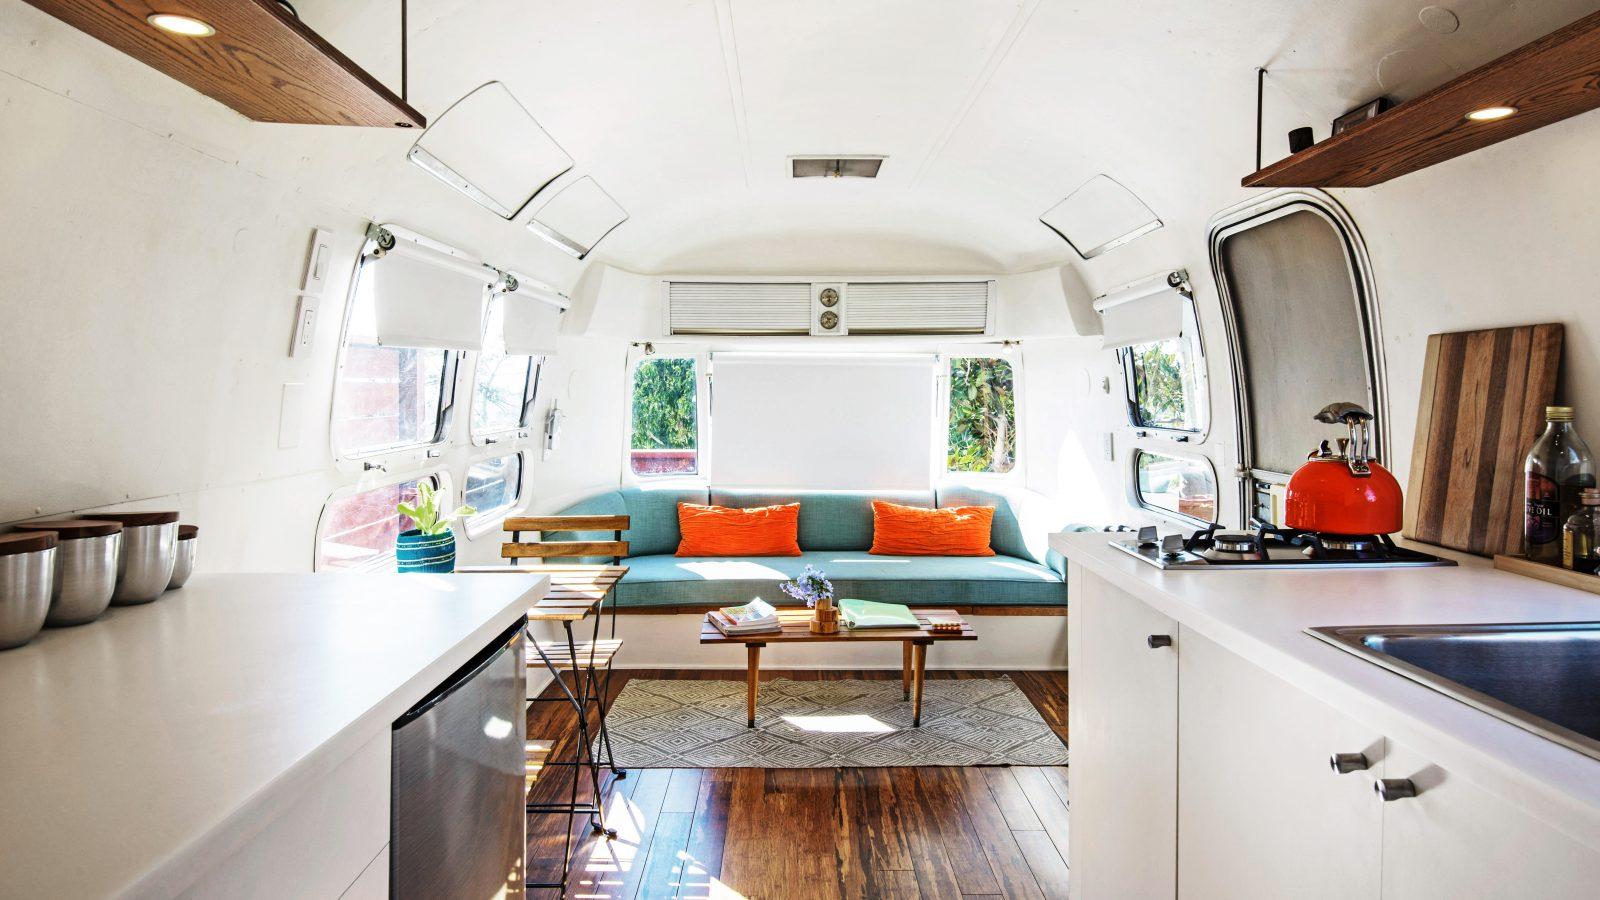 Airbnb LA camper van